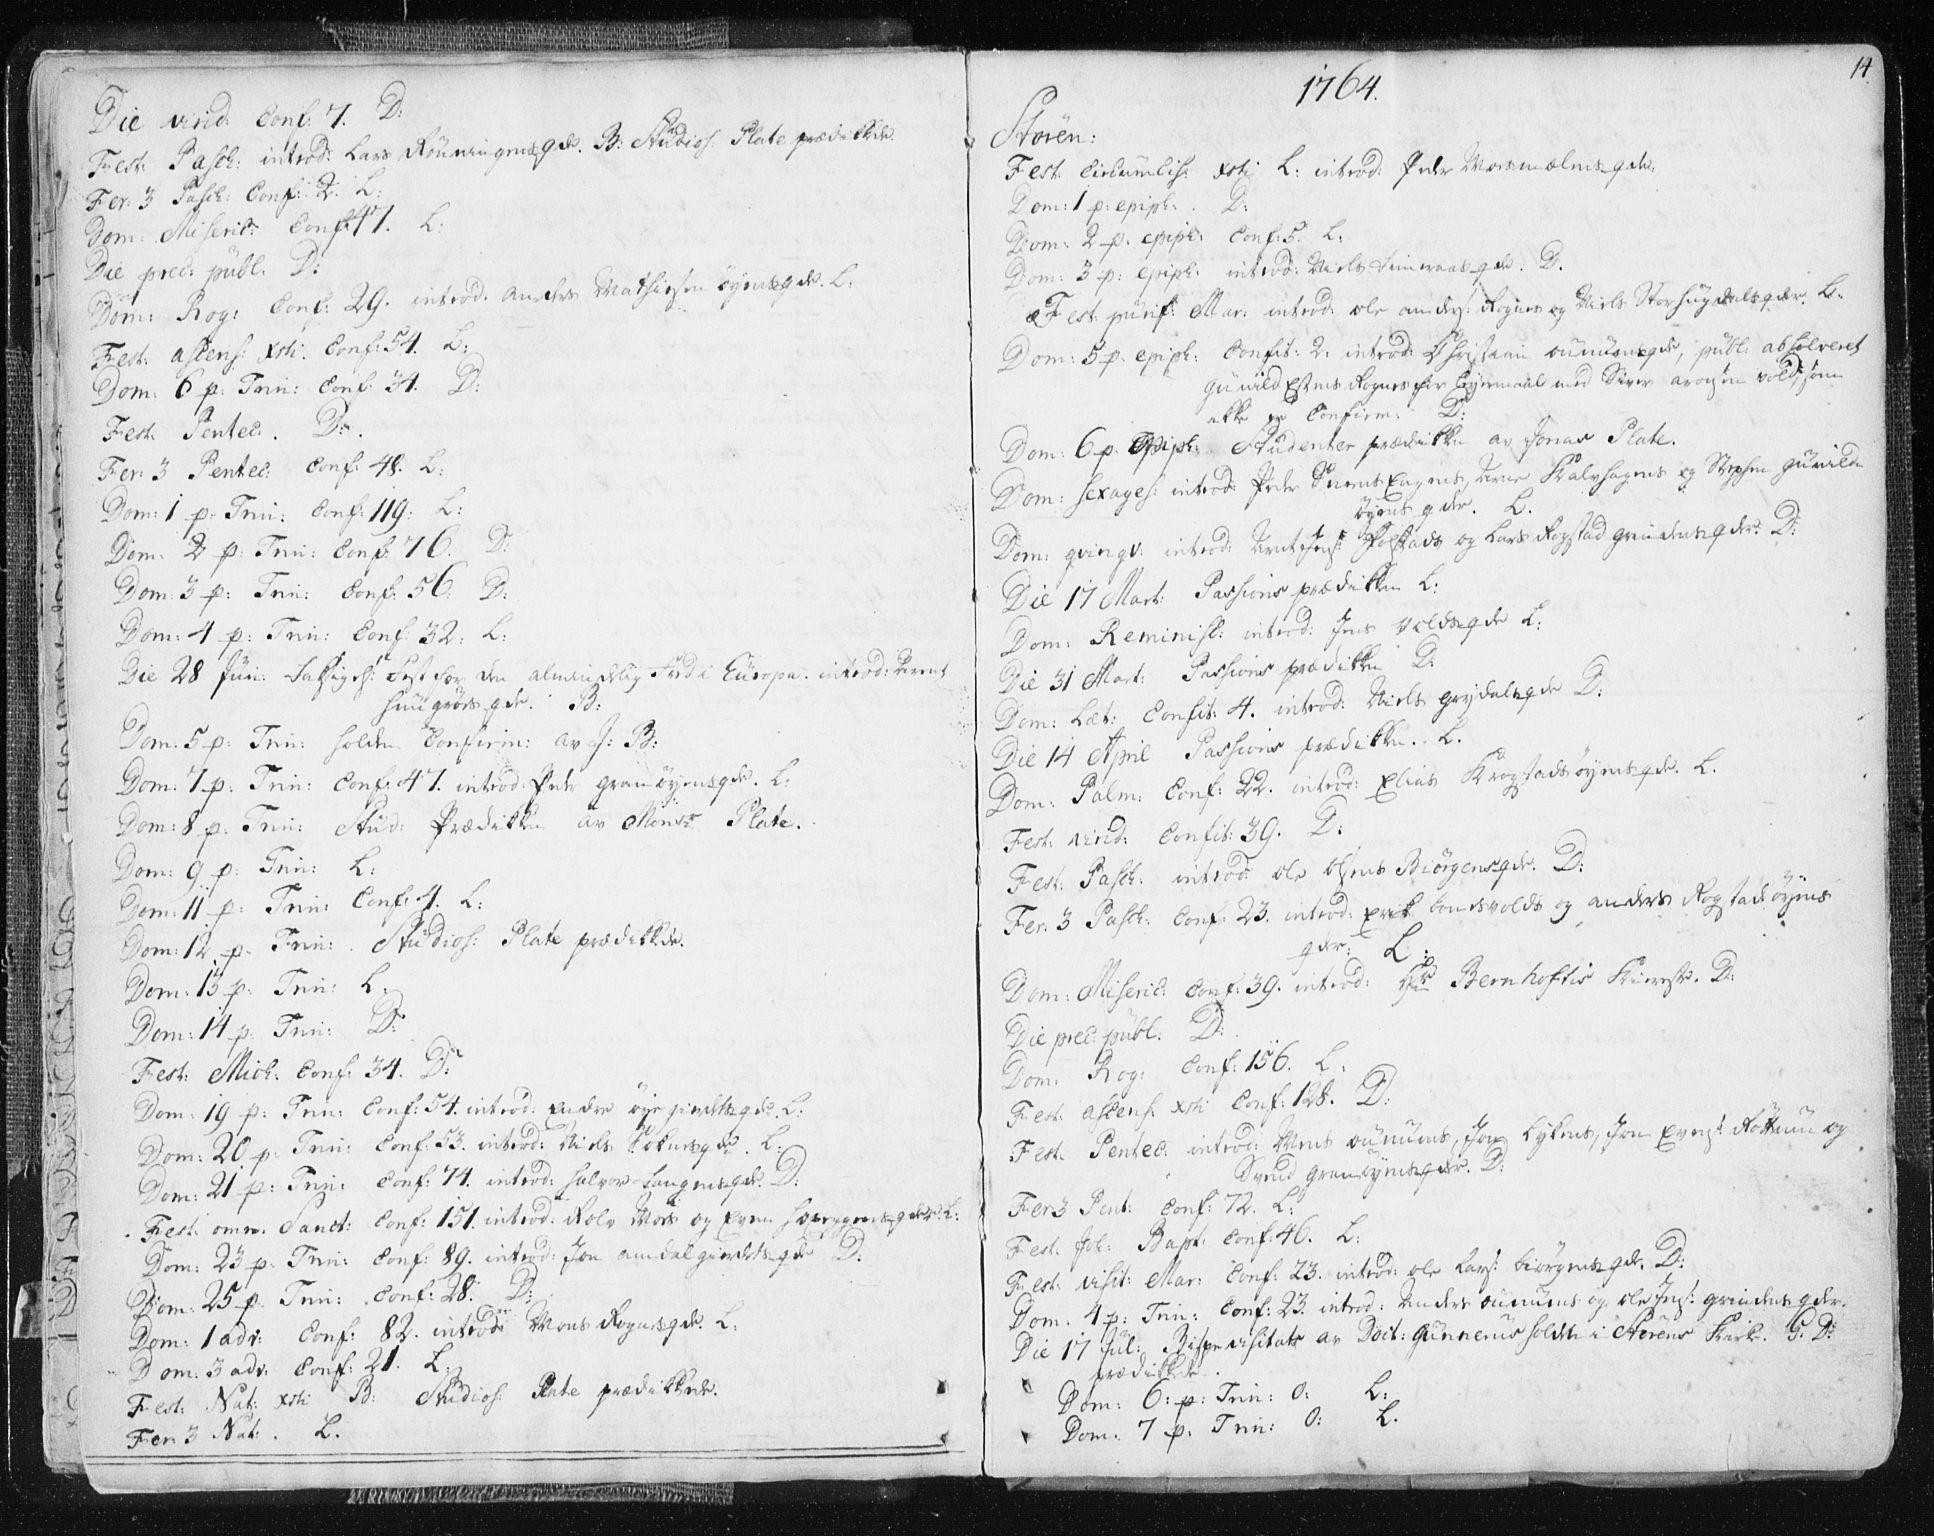 SAT, Ministerialprotokoller, klokkerbøker og fødselsregistre - Sør-Trøndelag, 687/L0991: Ministerialbok nr. 687A02, 1747-1790, s. 14